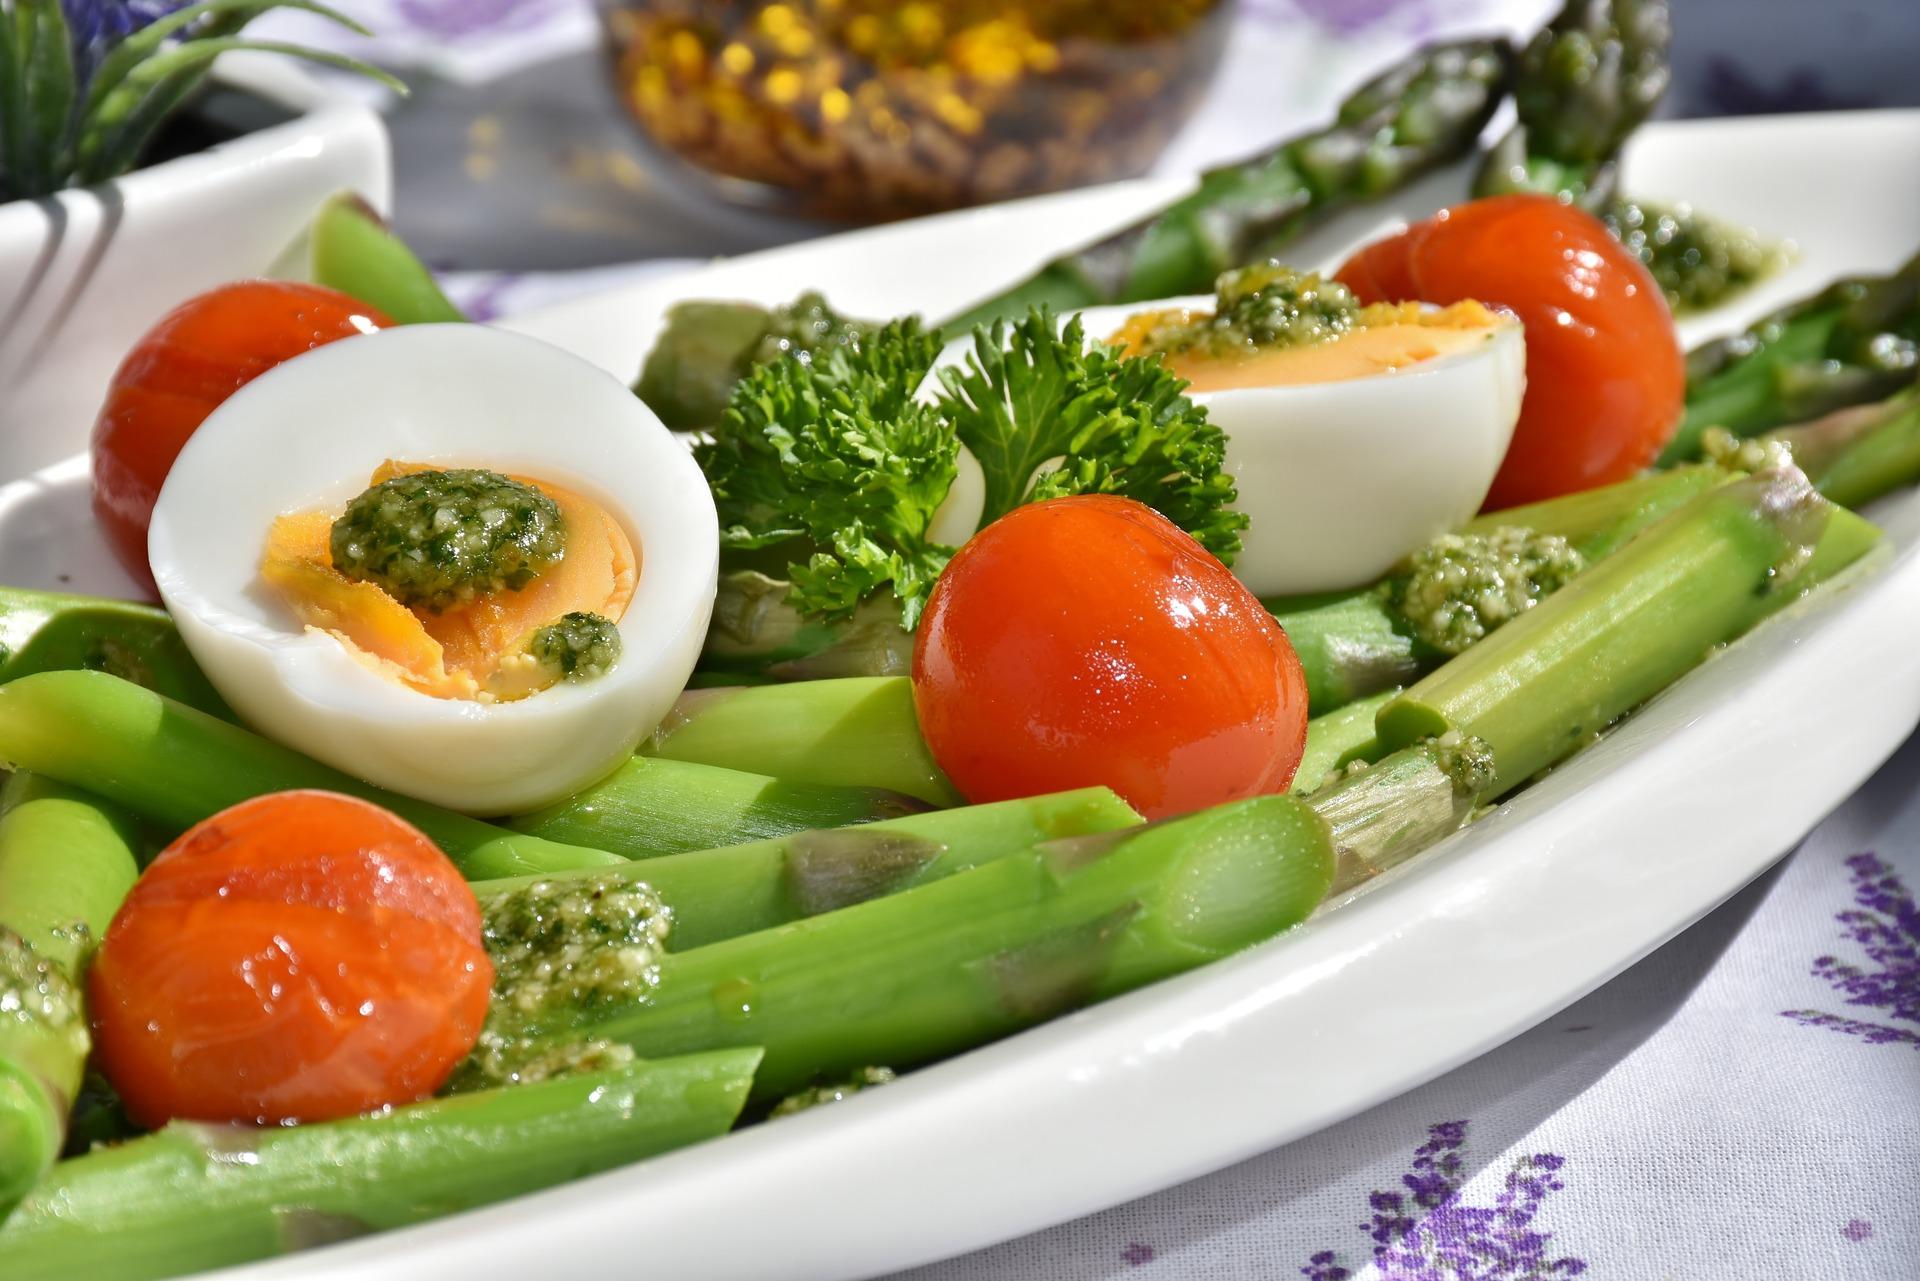 asparagus-1307604_1920.jpg (440 KB)